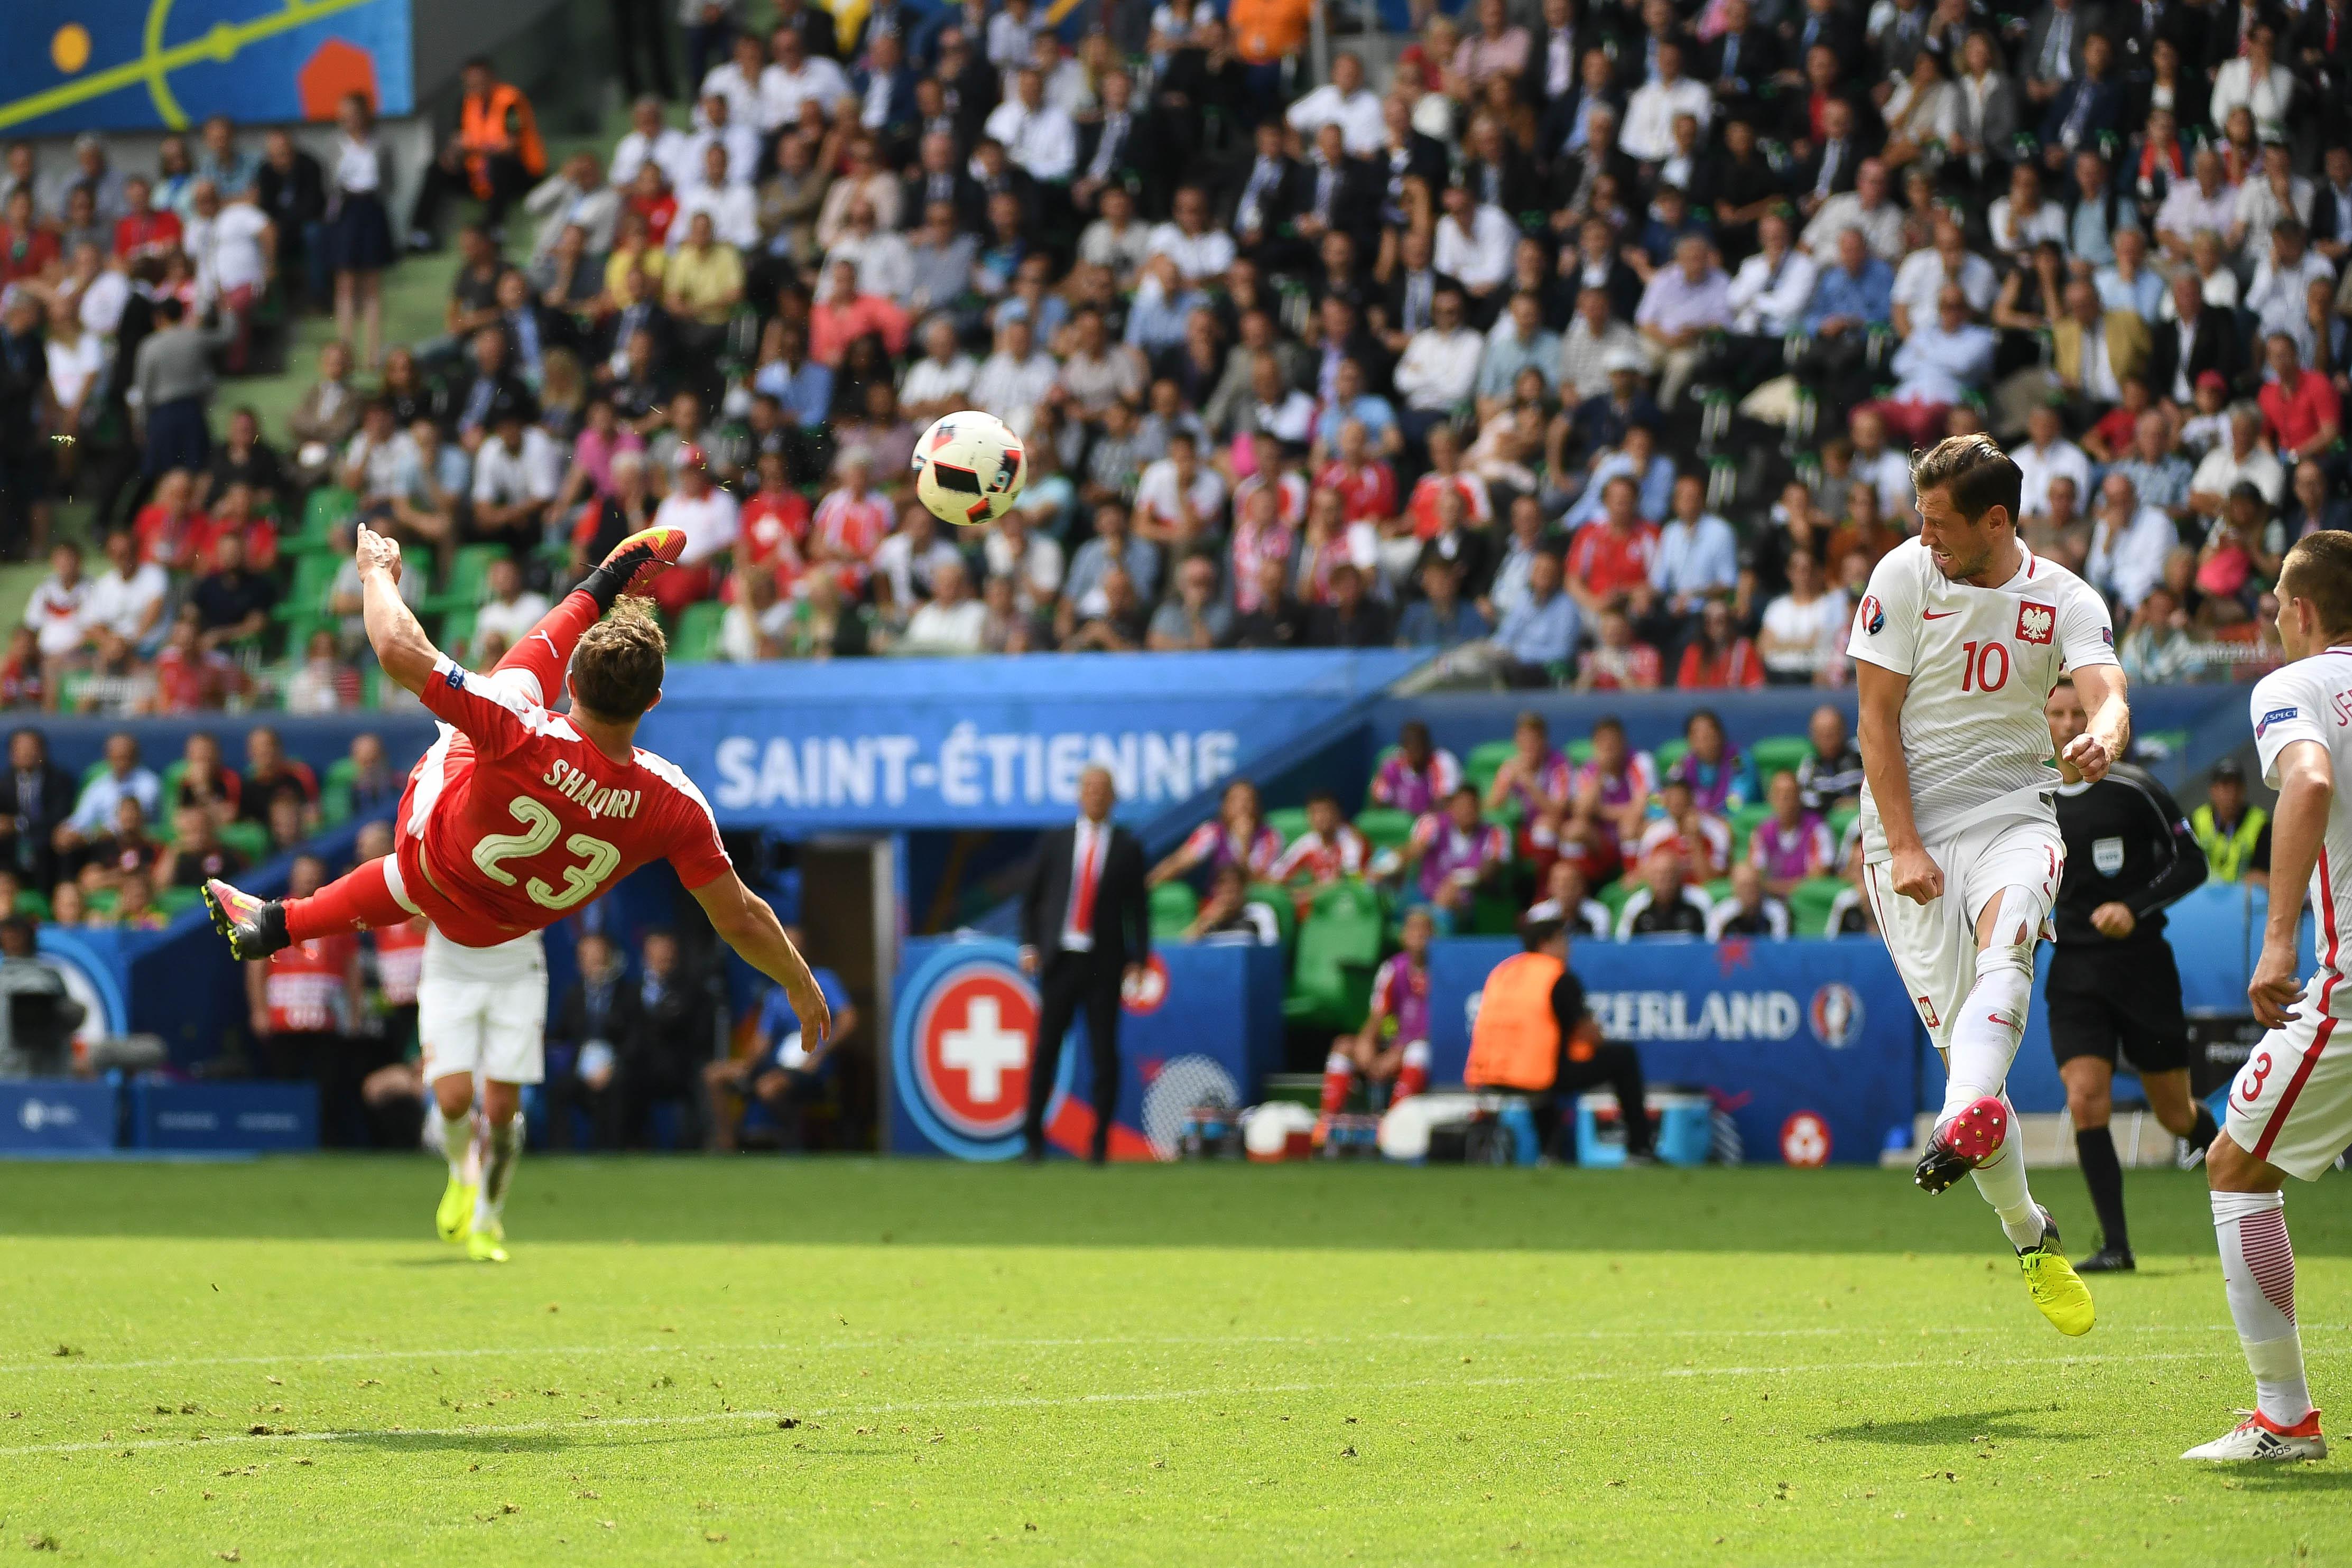 Football - L'album de l'Euro : Shaqiri, Griezman, Quaresma